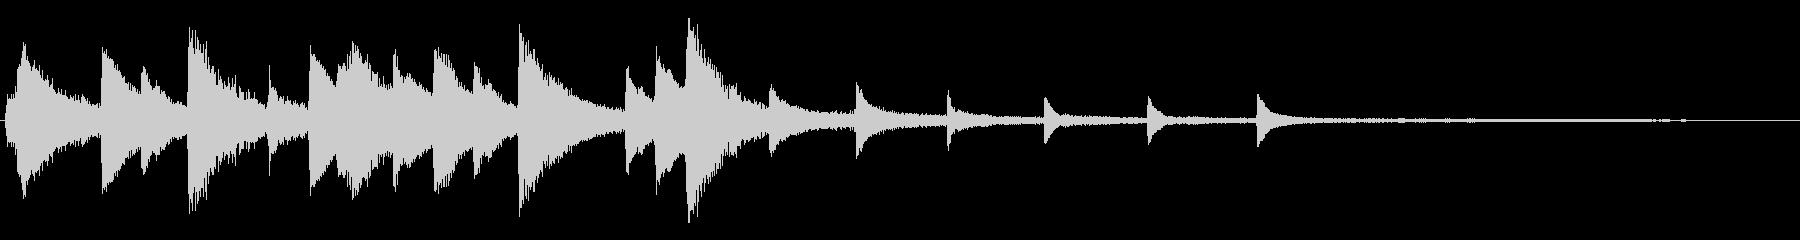 少し切ない落ちついたピアノジングル の未再生の波形